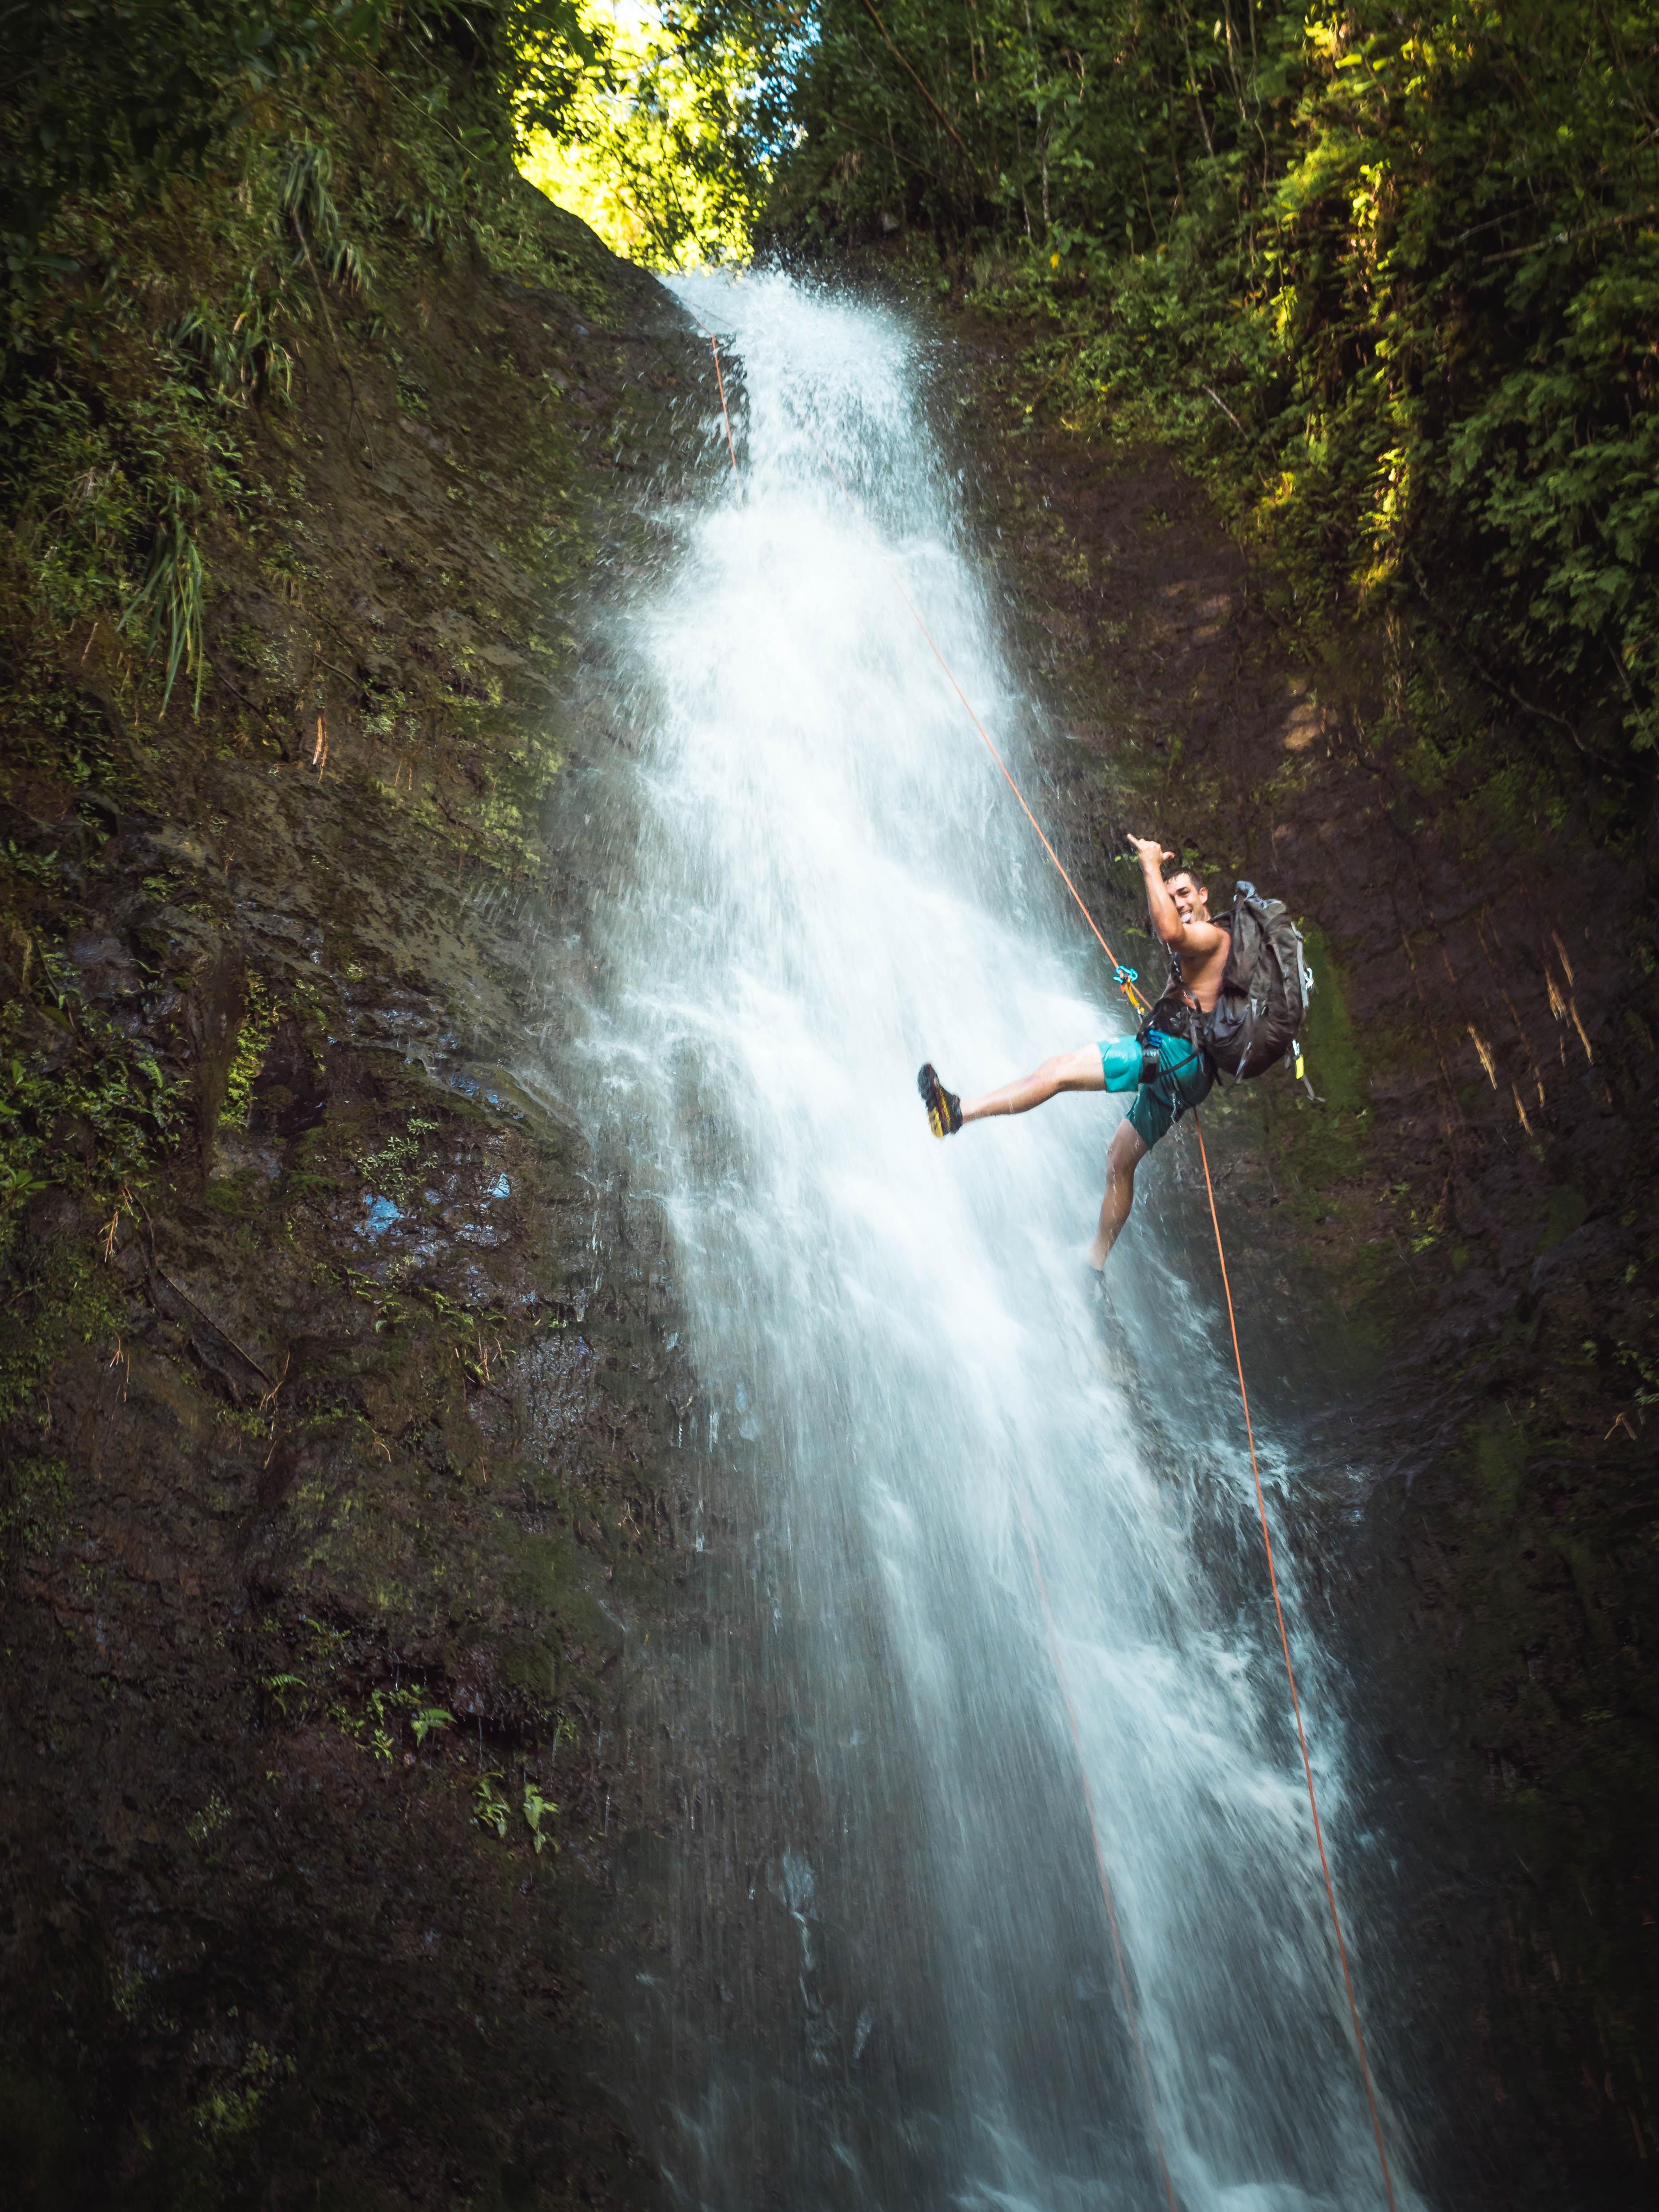 man climbing on waterfalls